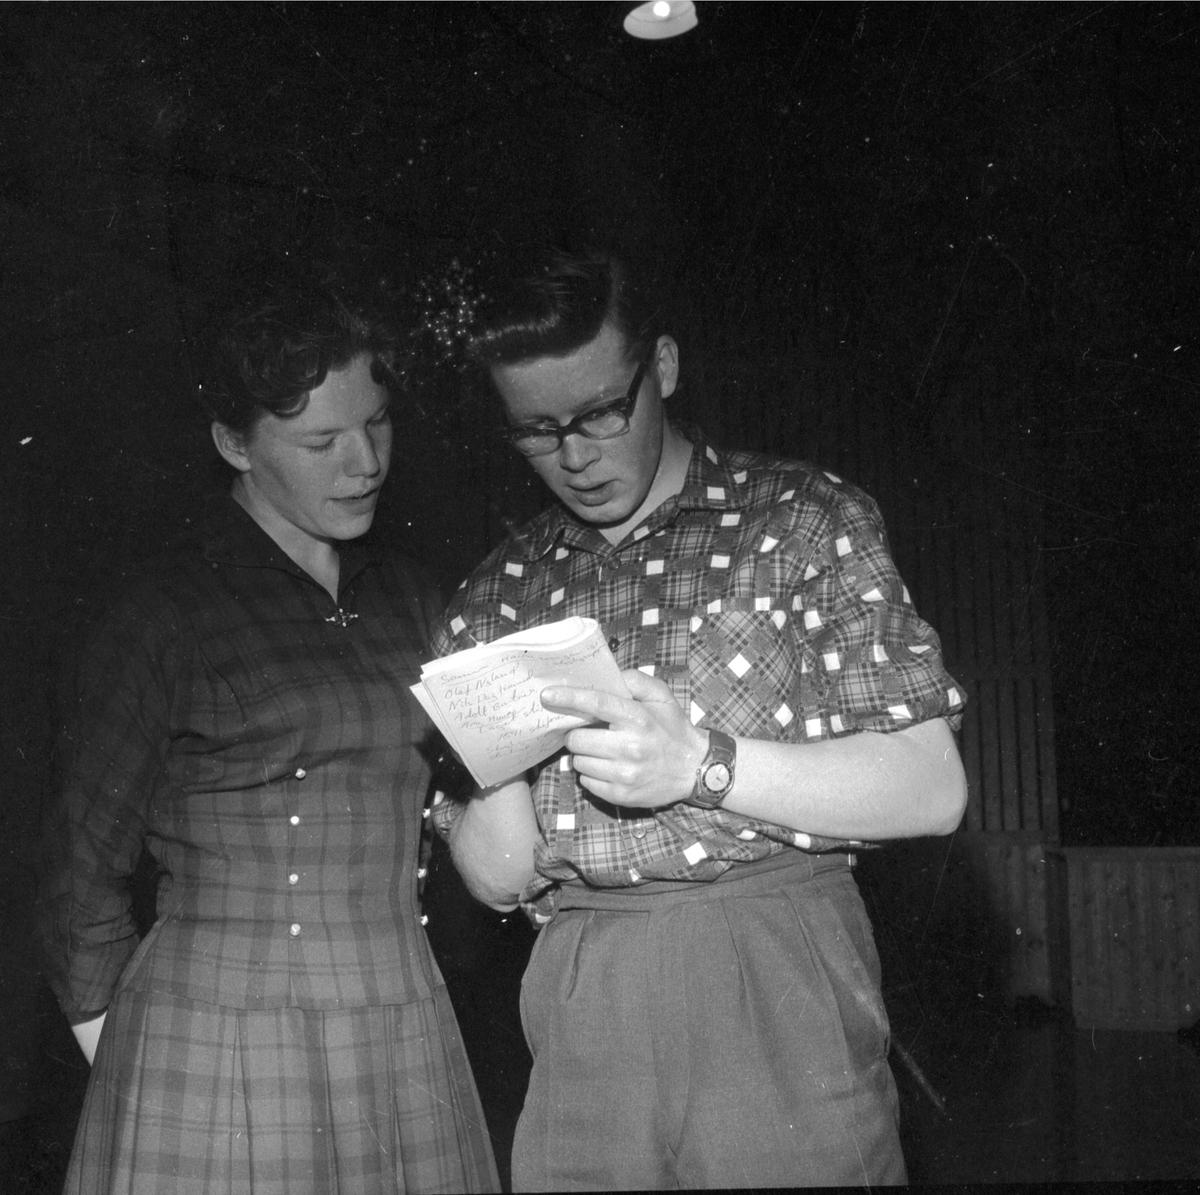 TEVLINGSLEDER I STANGE BUL, BIRGITT RUUD OLSEN (T. H. ) OG KJELL MANGERUD. (HS19. MARS 1960). DATO:??. 03. 1960 FOTO:EGIL M. KRISTIANSEN